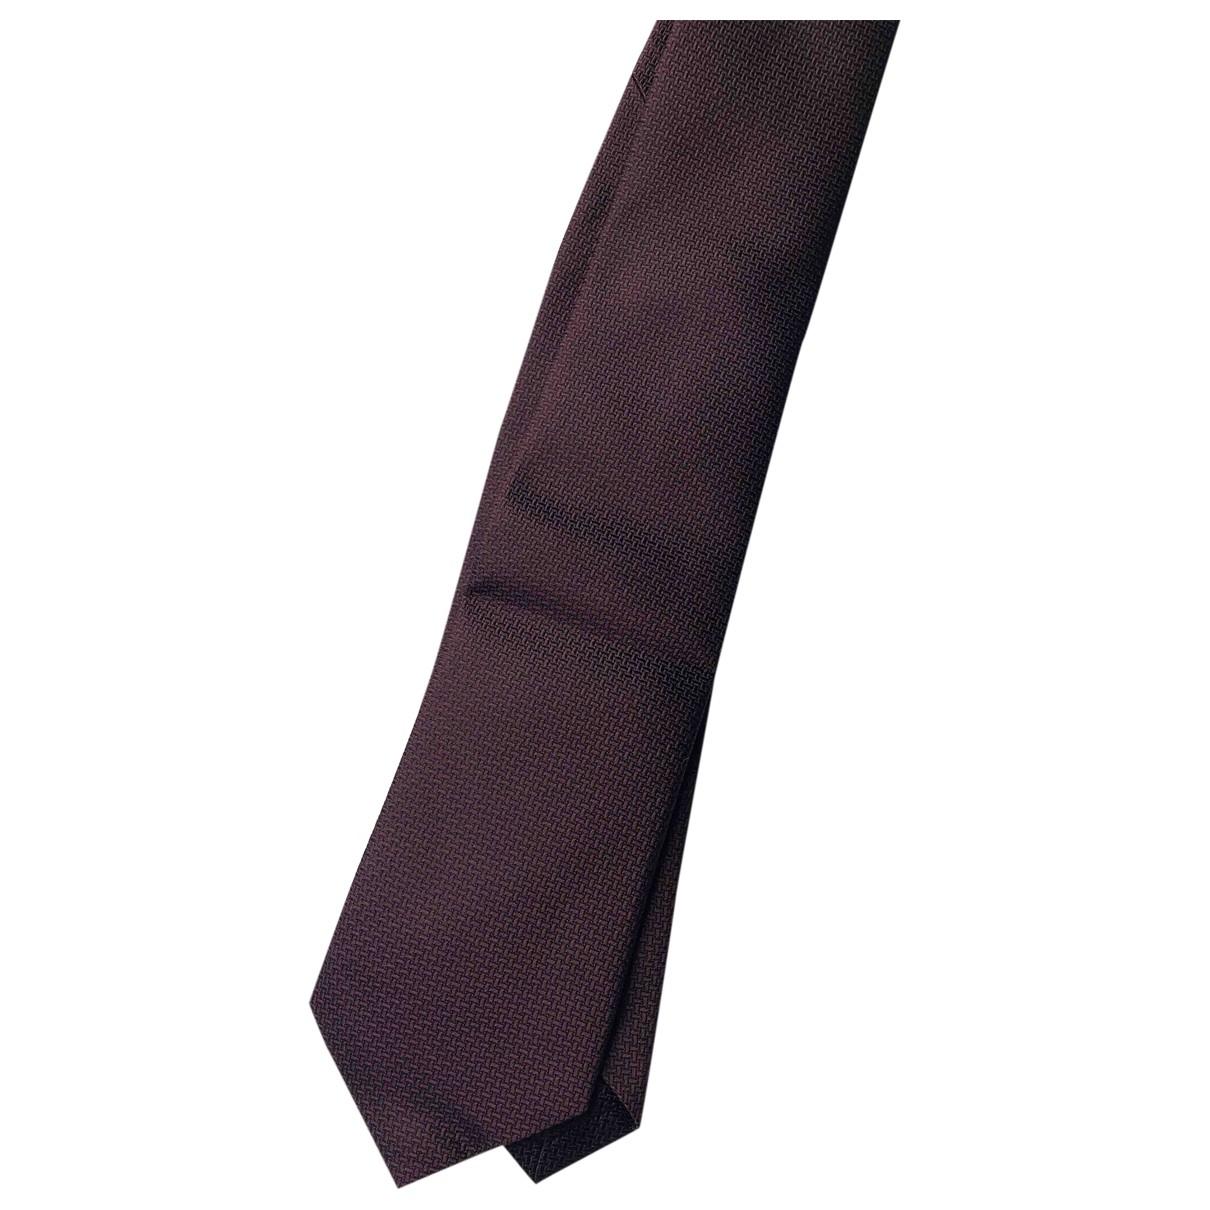 Alfred Dunhill \N Burgundy Silk Ties for Men \N